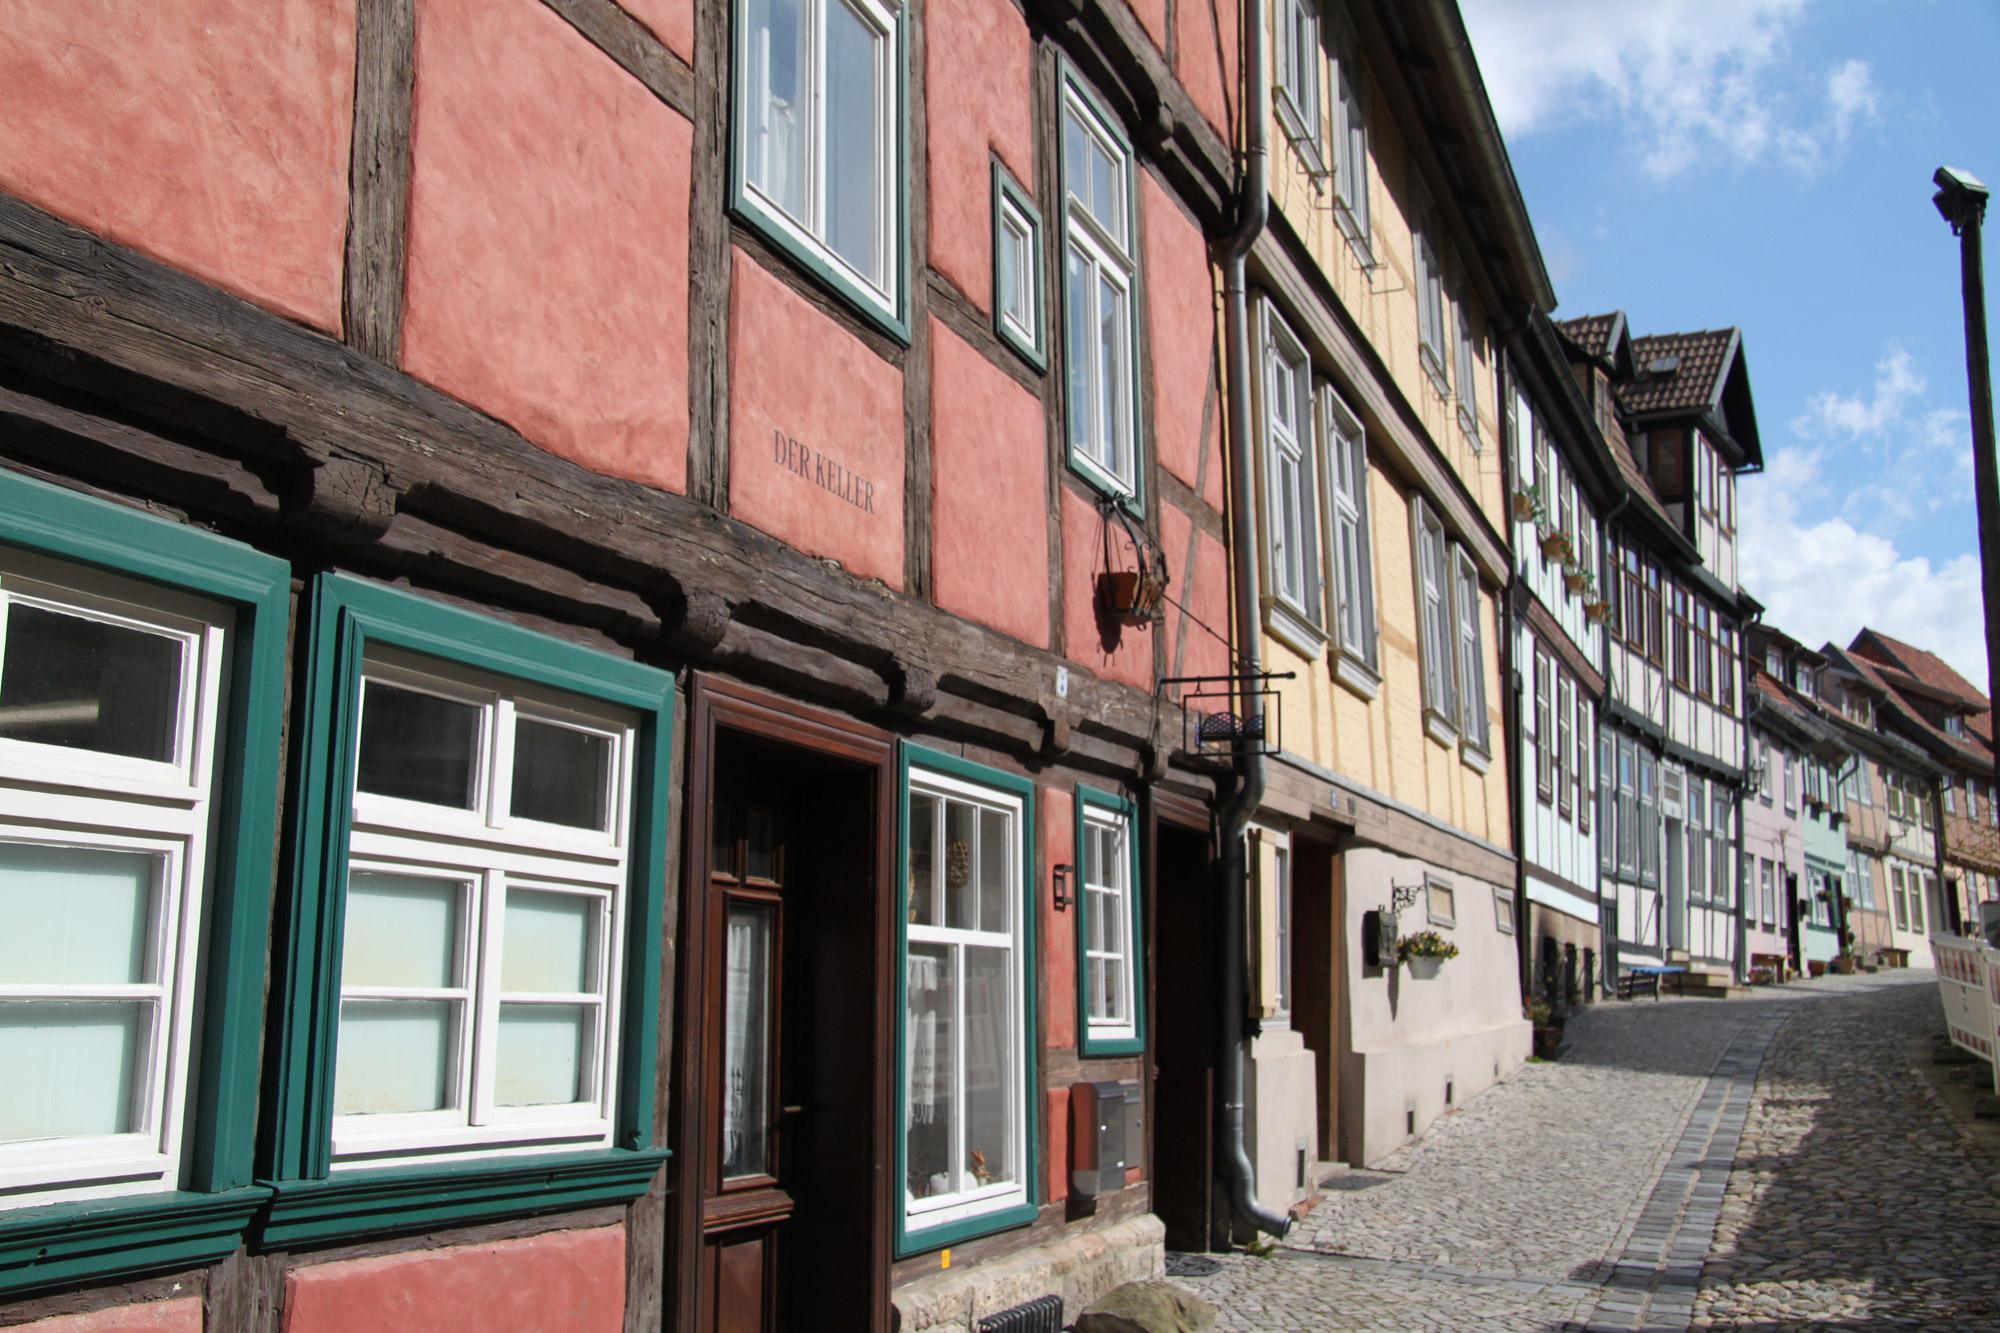 Mijn reizen in 2015: Quedlinburg en Wernigerode